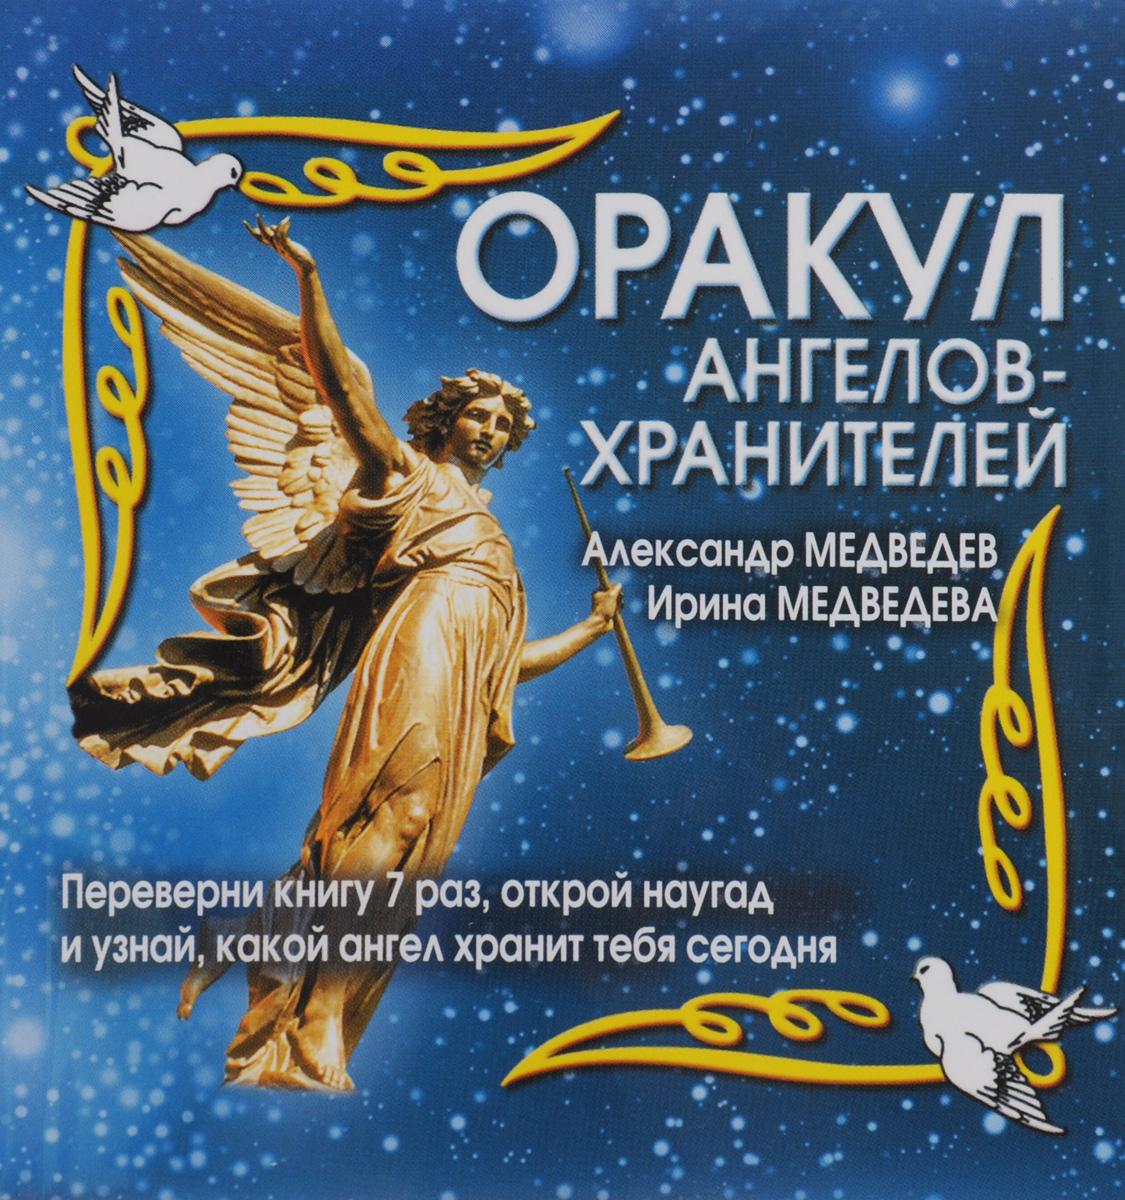 Оракул ангелов-хранителей ( 978-5-17-036258-5 )